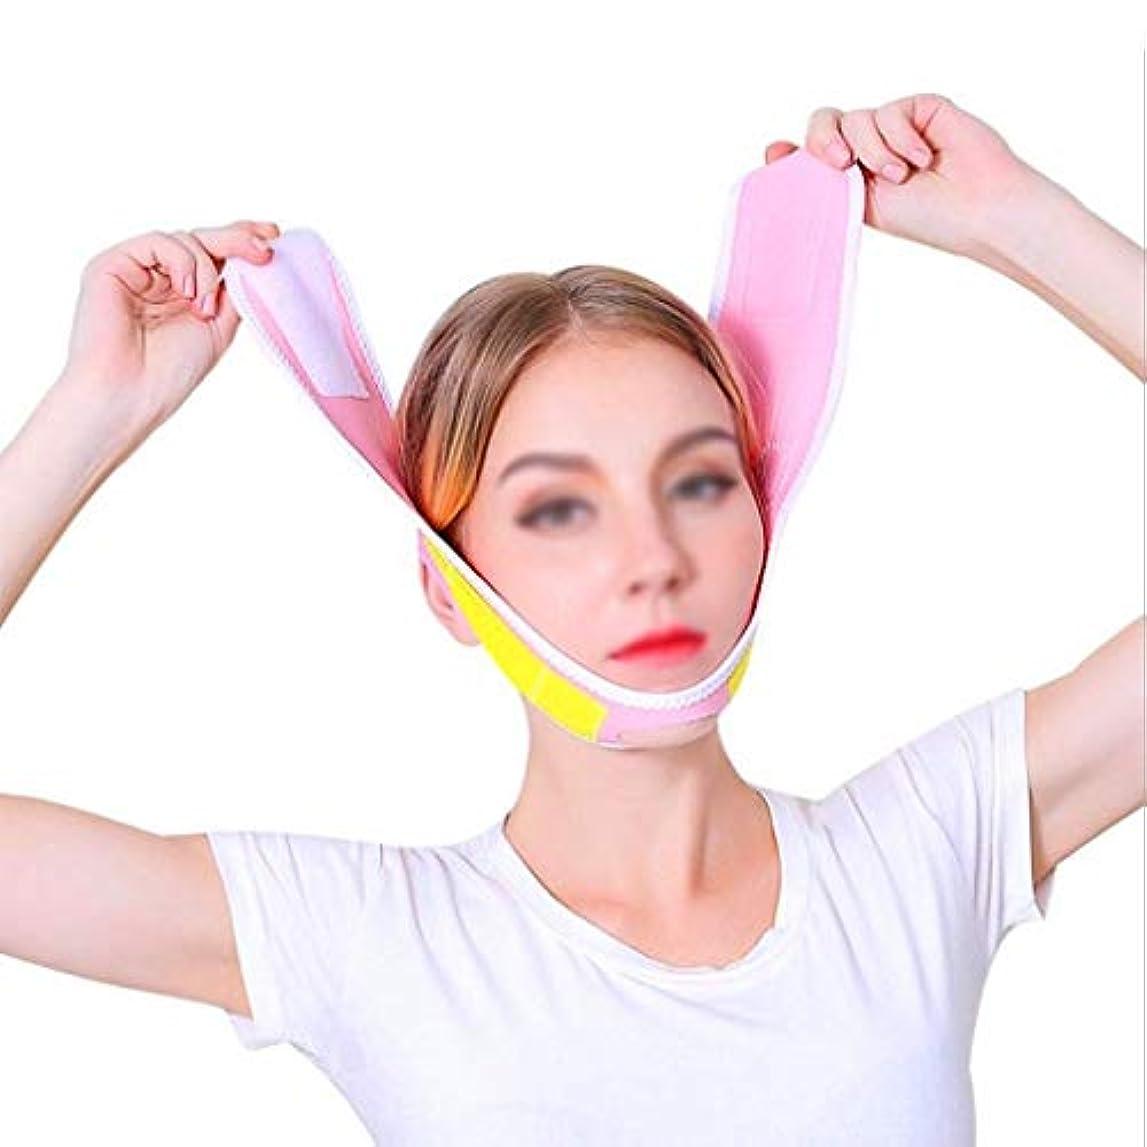 腰靴下動物園シェイプドフェイスマスク、フェイシャルリフティング&シェイプしてハリを高め、フェイシャル減量アンチシワトリートメント、フェイスリフティング、ファーミングスキン(ピンク、ワンサイズ)